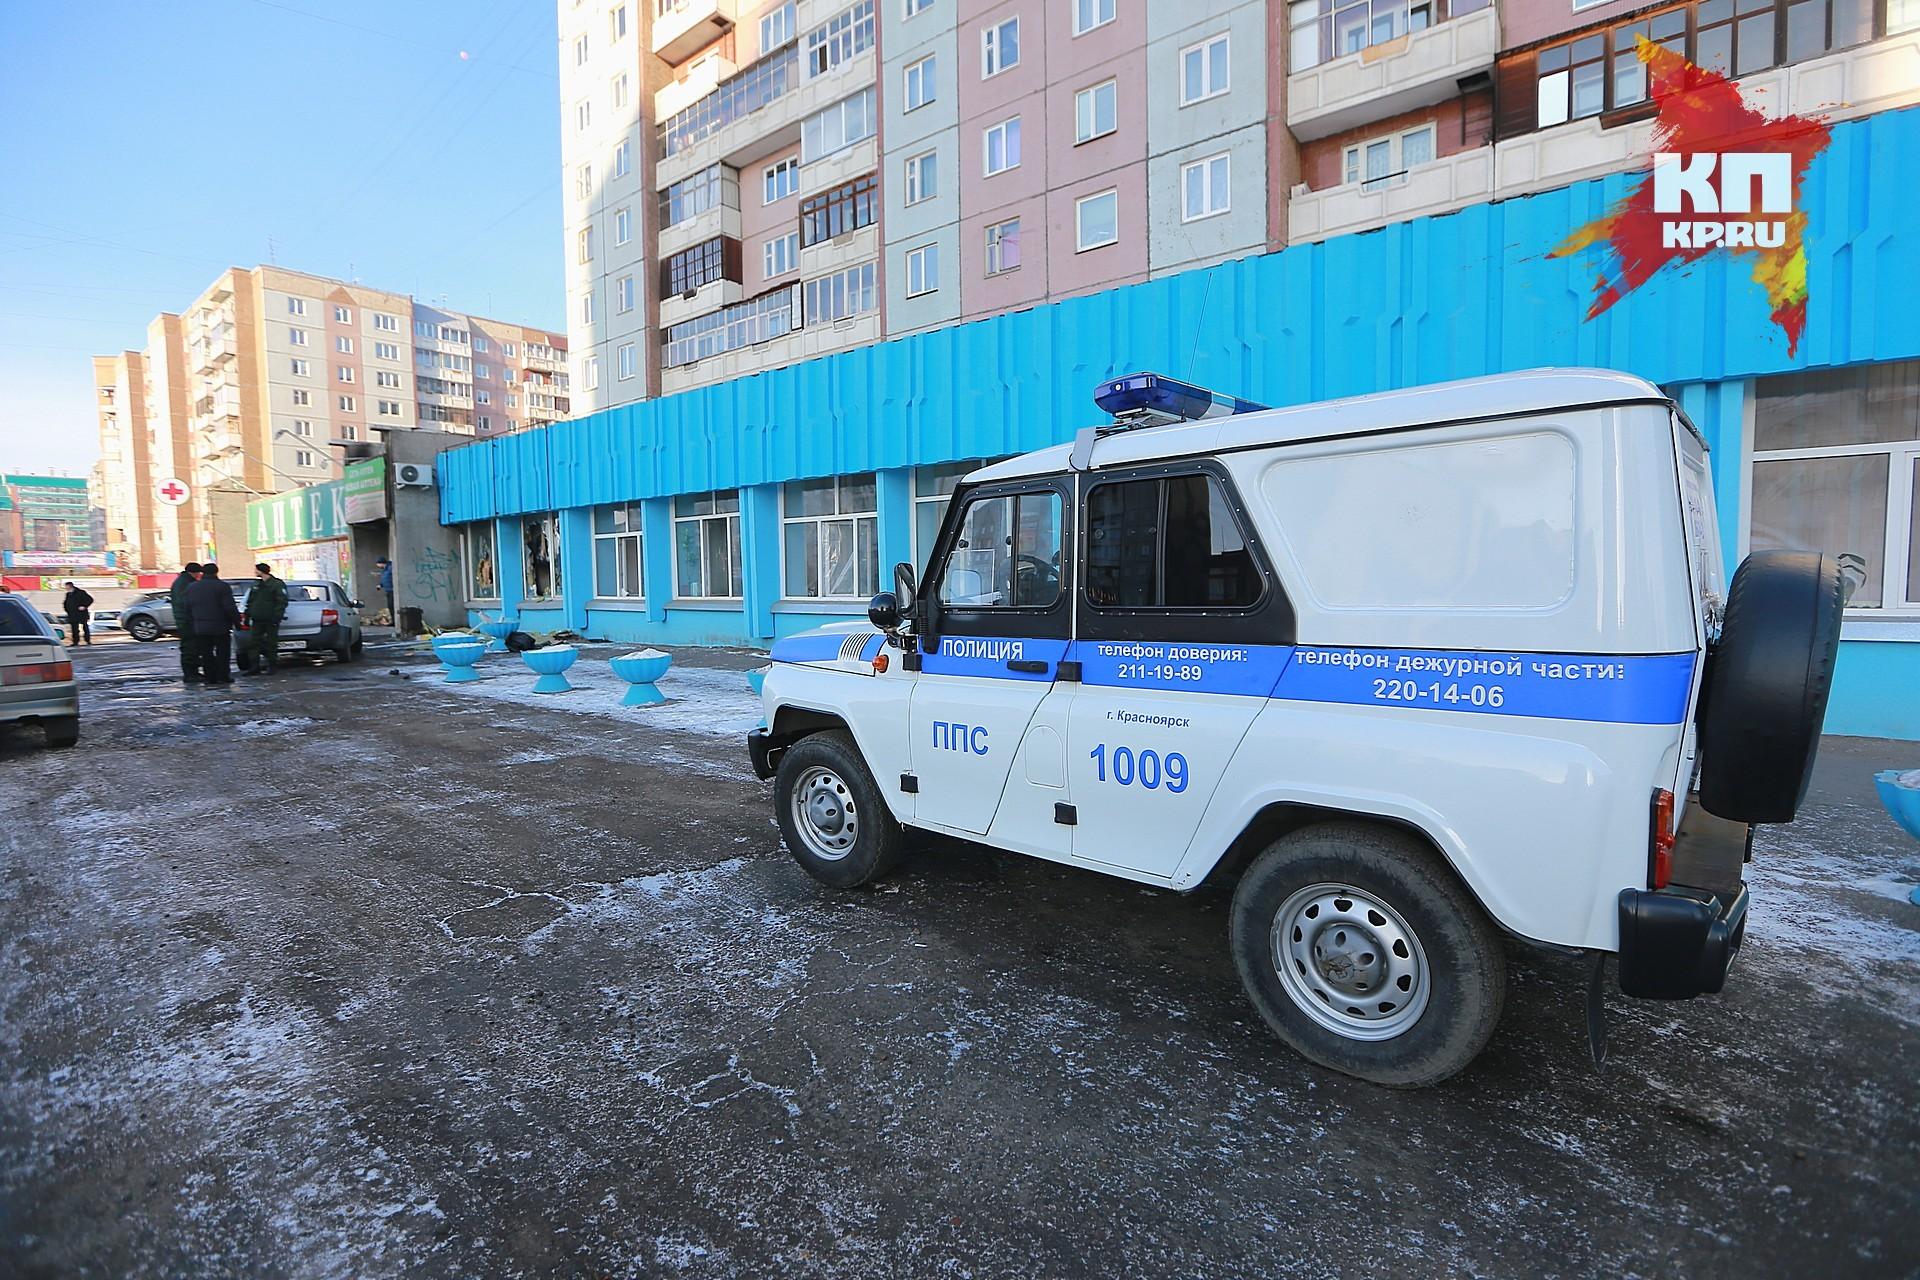 ВКрасноярске арестована преступная группа, вымогавшая 3 гектара земли